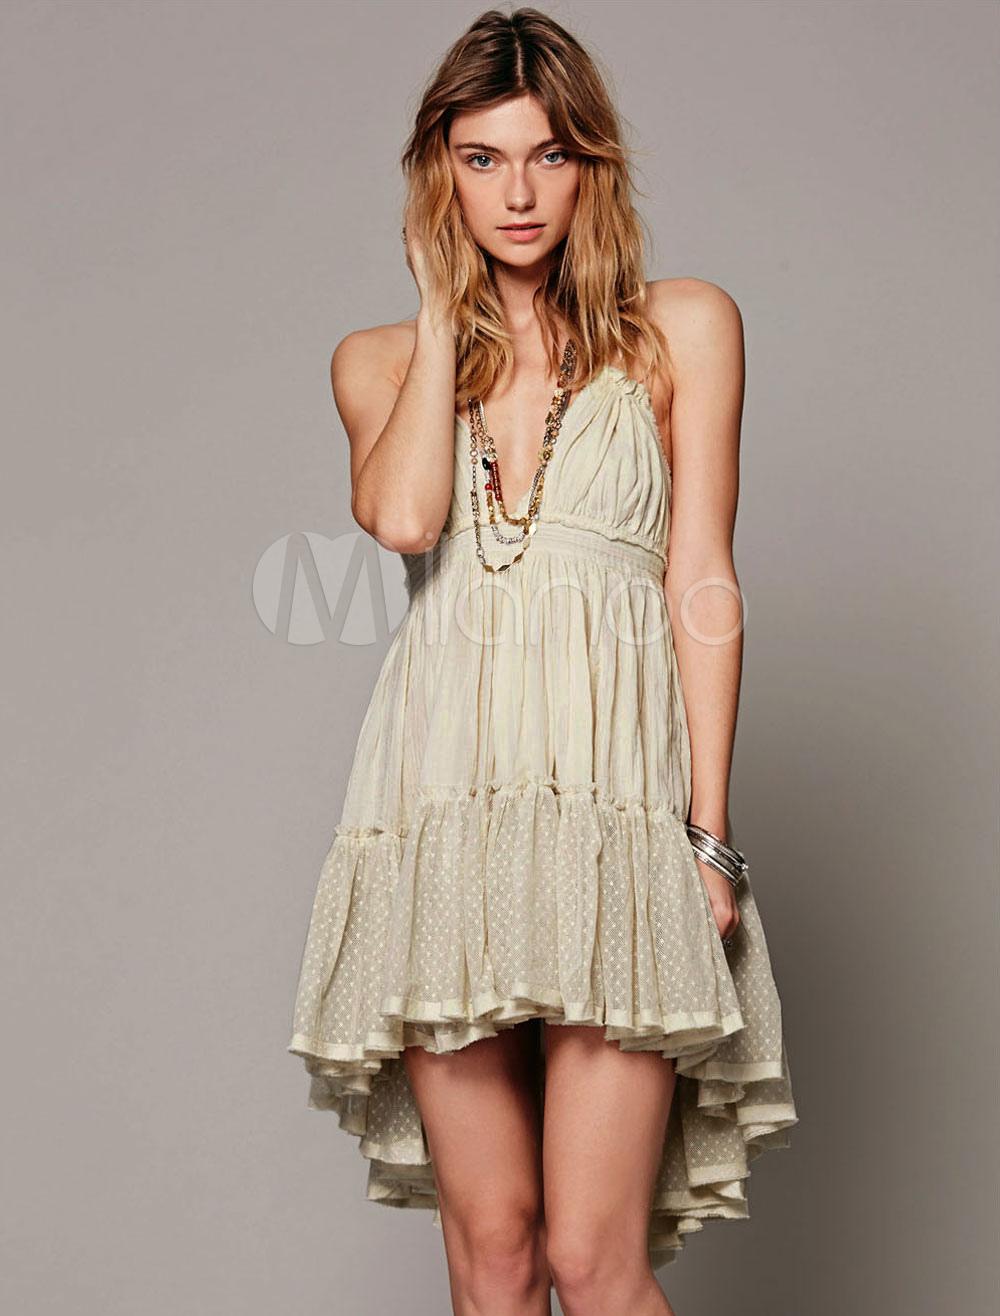 Pink Short Dress Halter V Neck Sleeveless Backless Pleated Summer Dress For Women